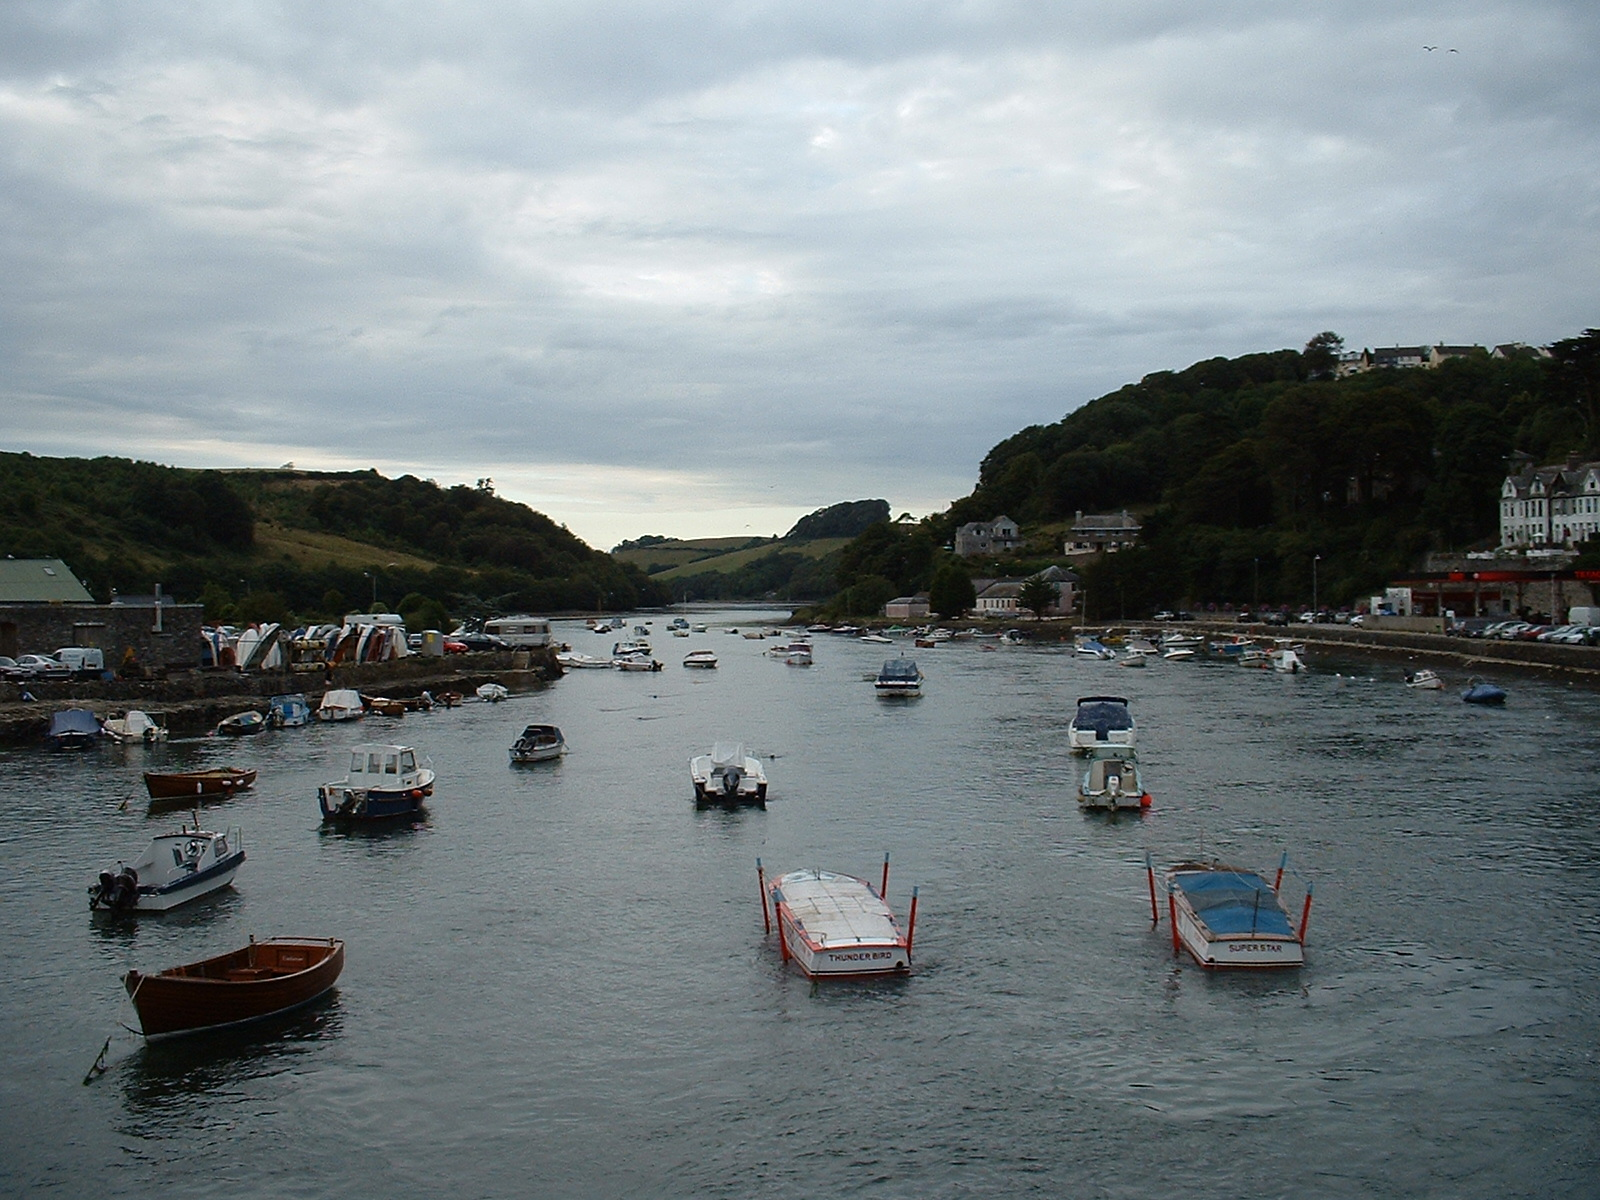 htoml boats on water little ships channel